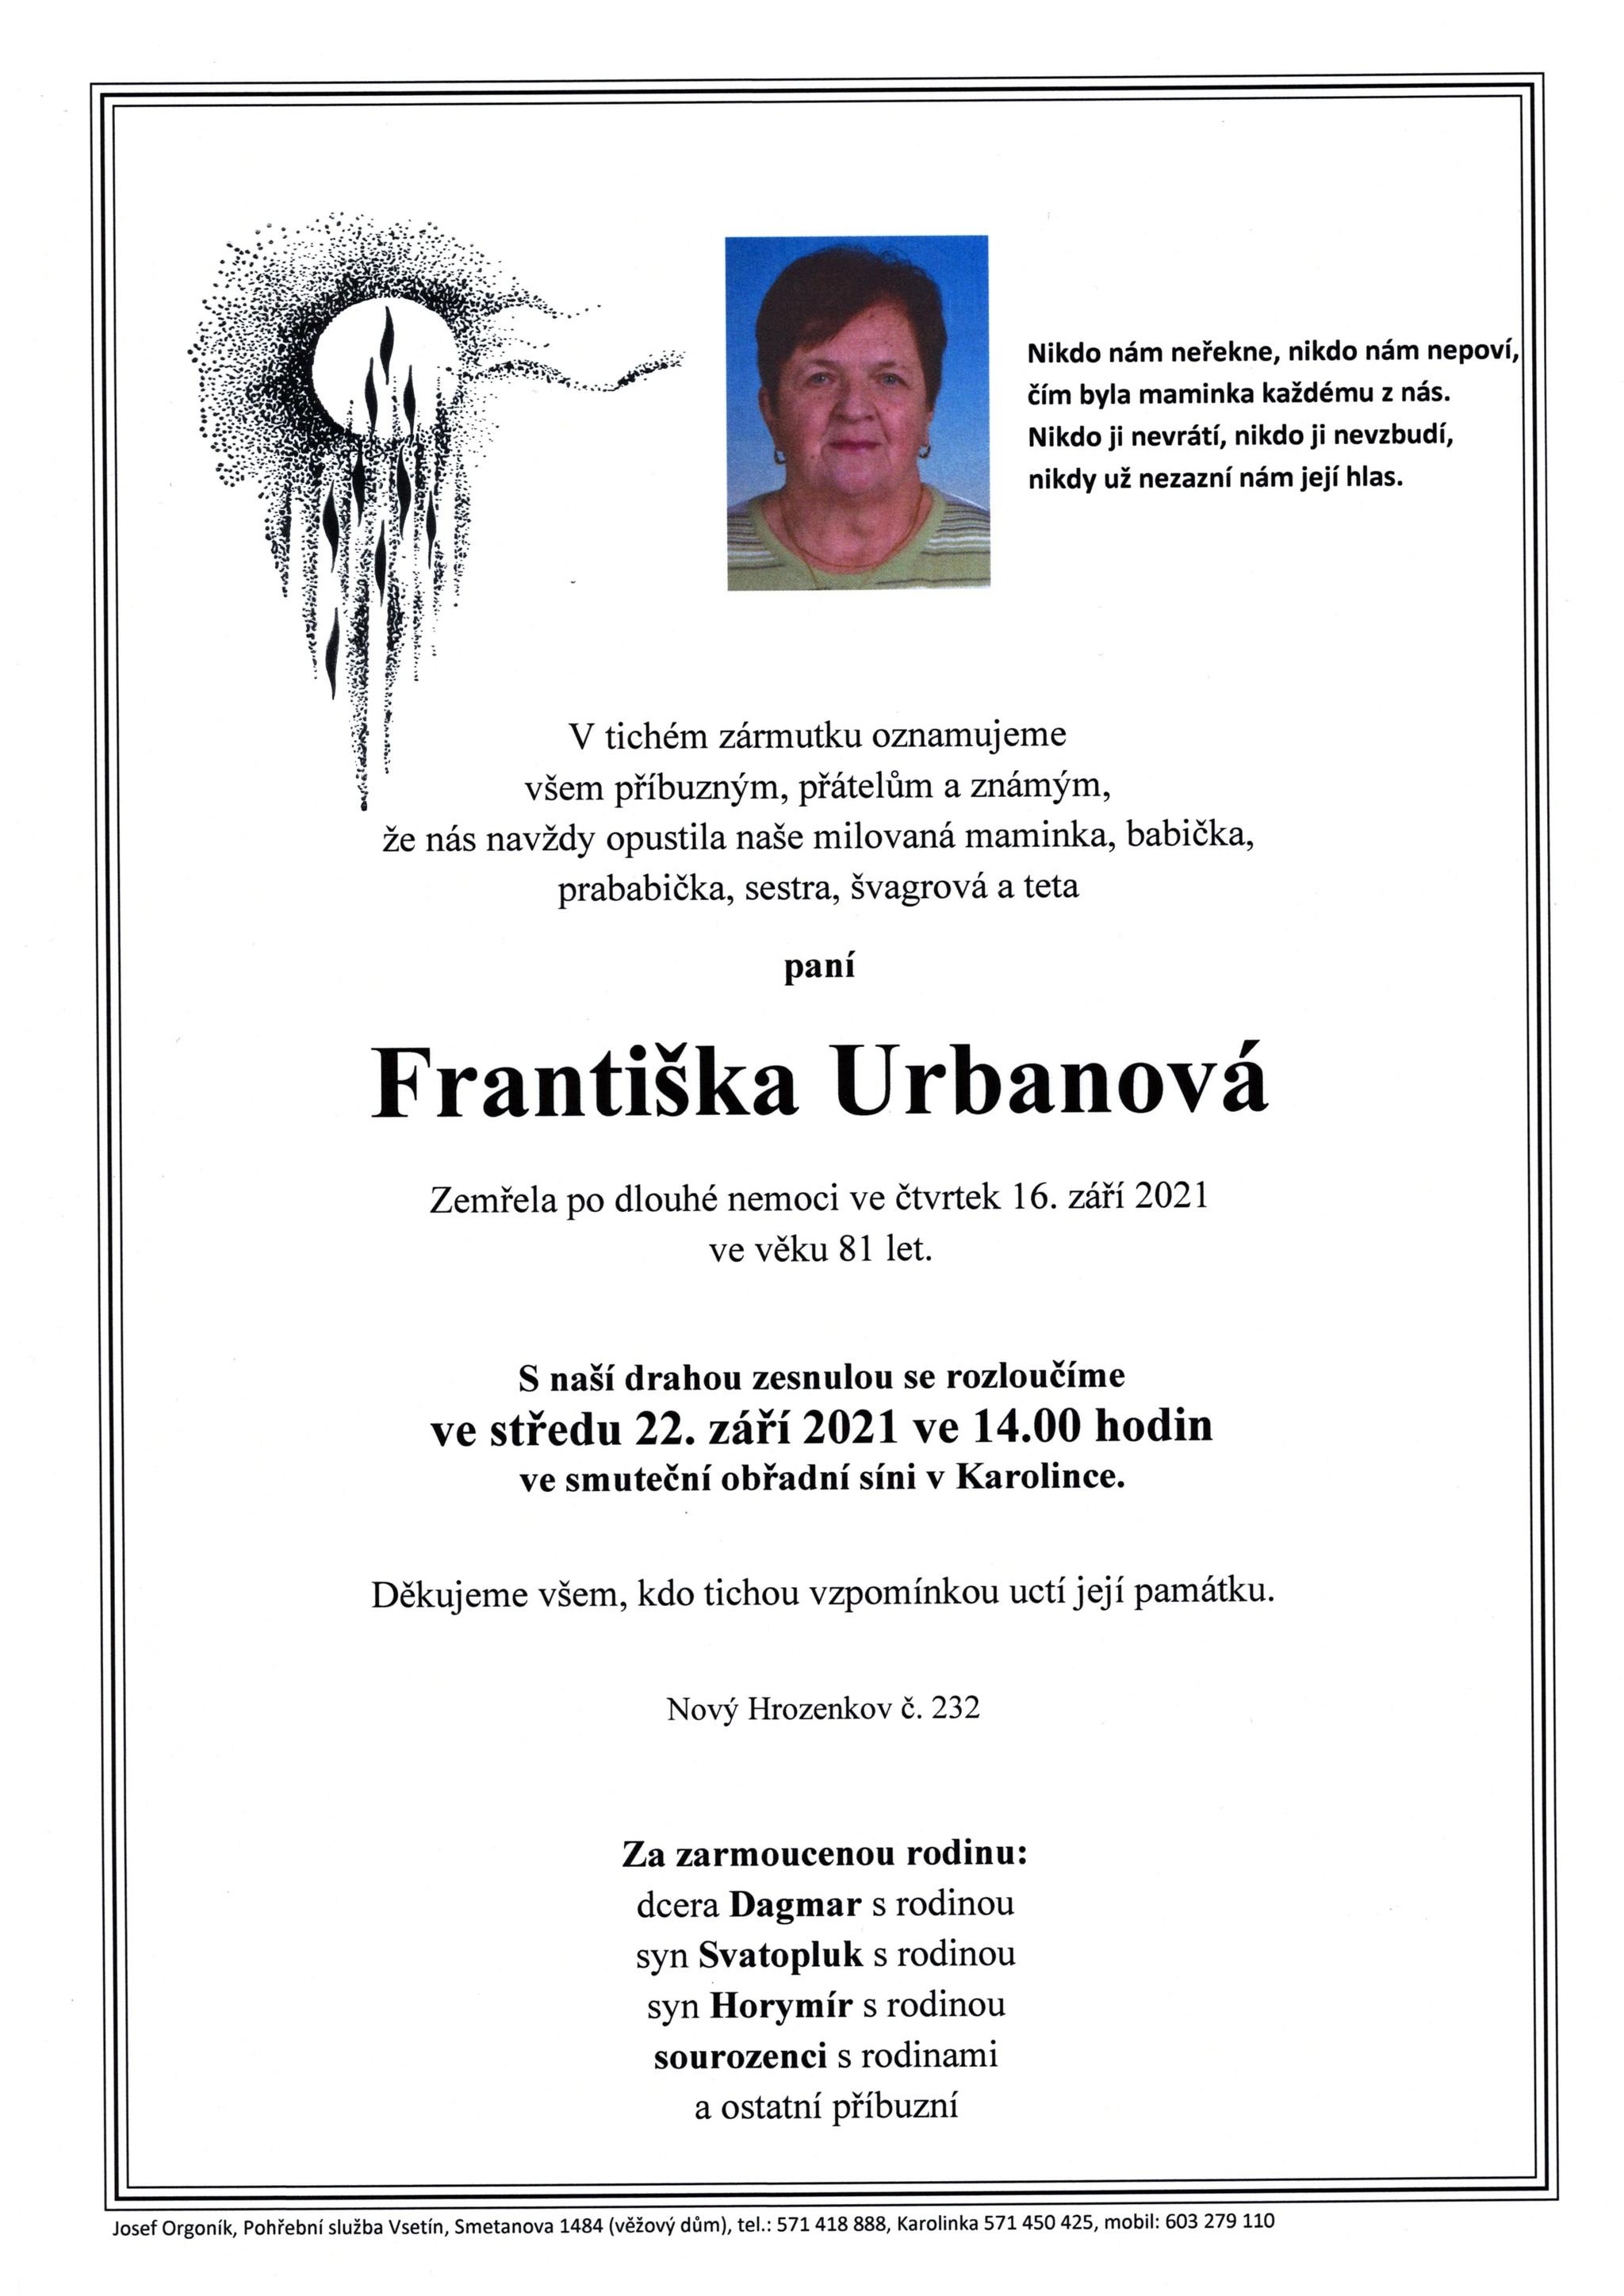 Františka Urbanová